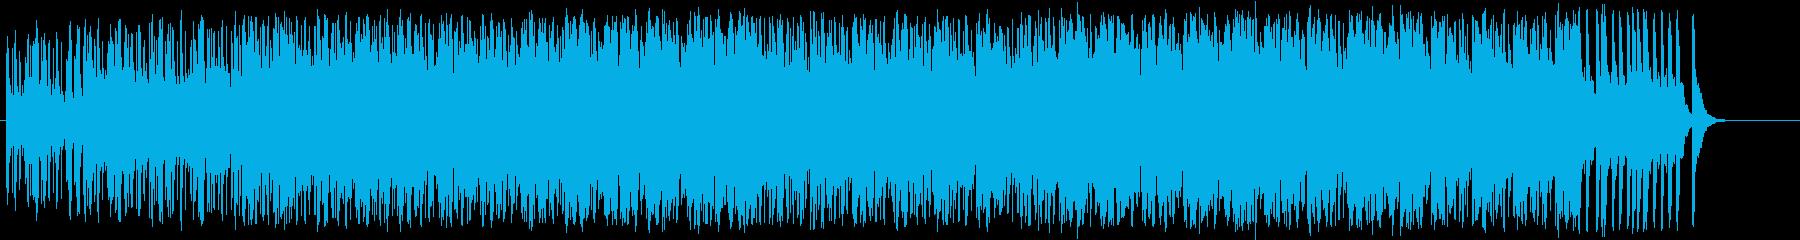 心の焦りを感じるテクノ/BGの再生済みの波形